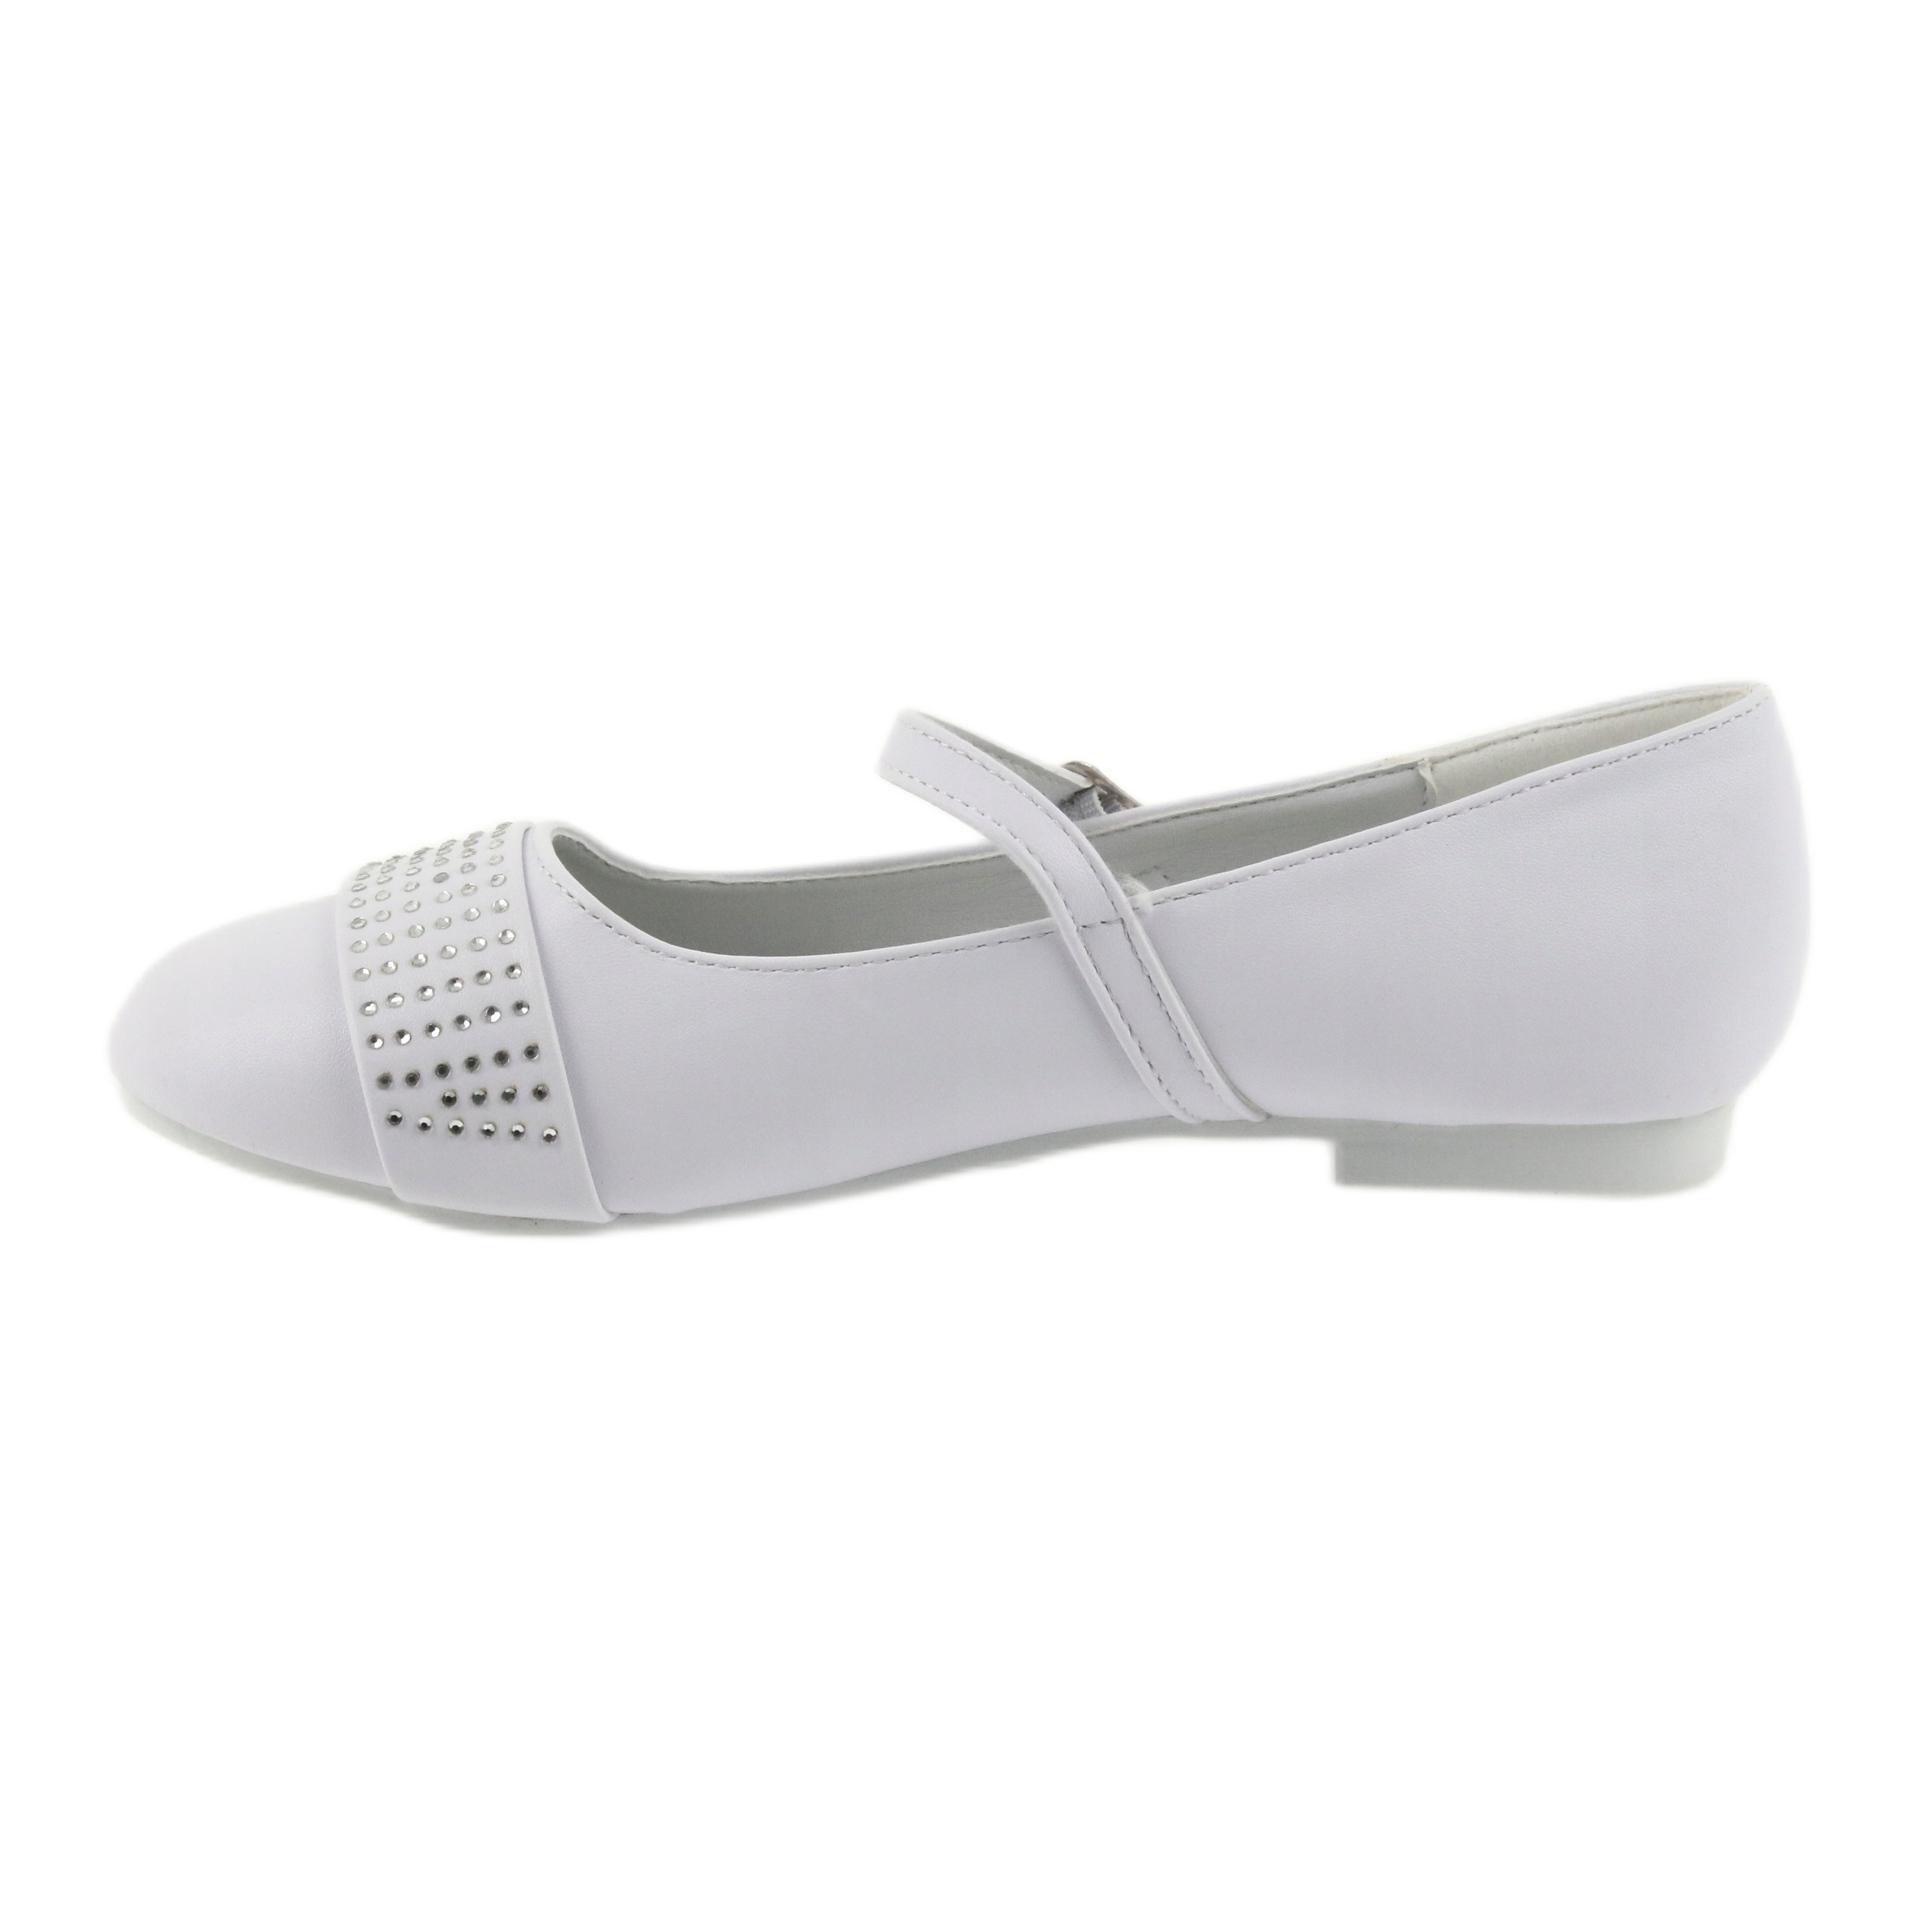 miniatura 3 - Pompe scarpe per bambini Comunione Ballerine strass American Club 11/19 bianco